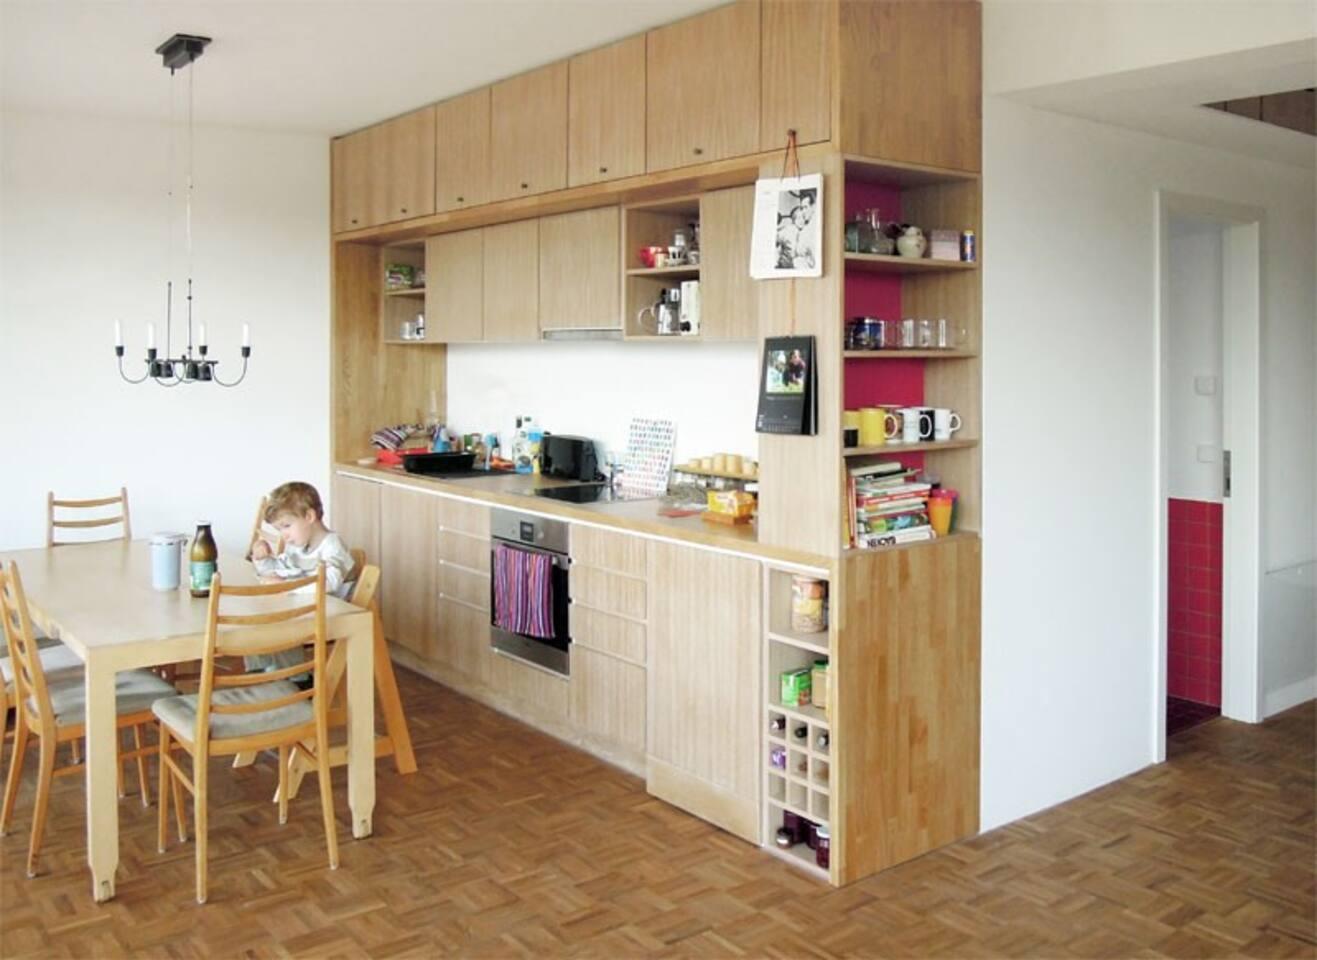 das Wohnzimmer - für weitere Fotos der einzelnen Räume und Bäder schreibt uns bitte einfach eine E-Mail.